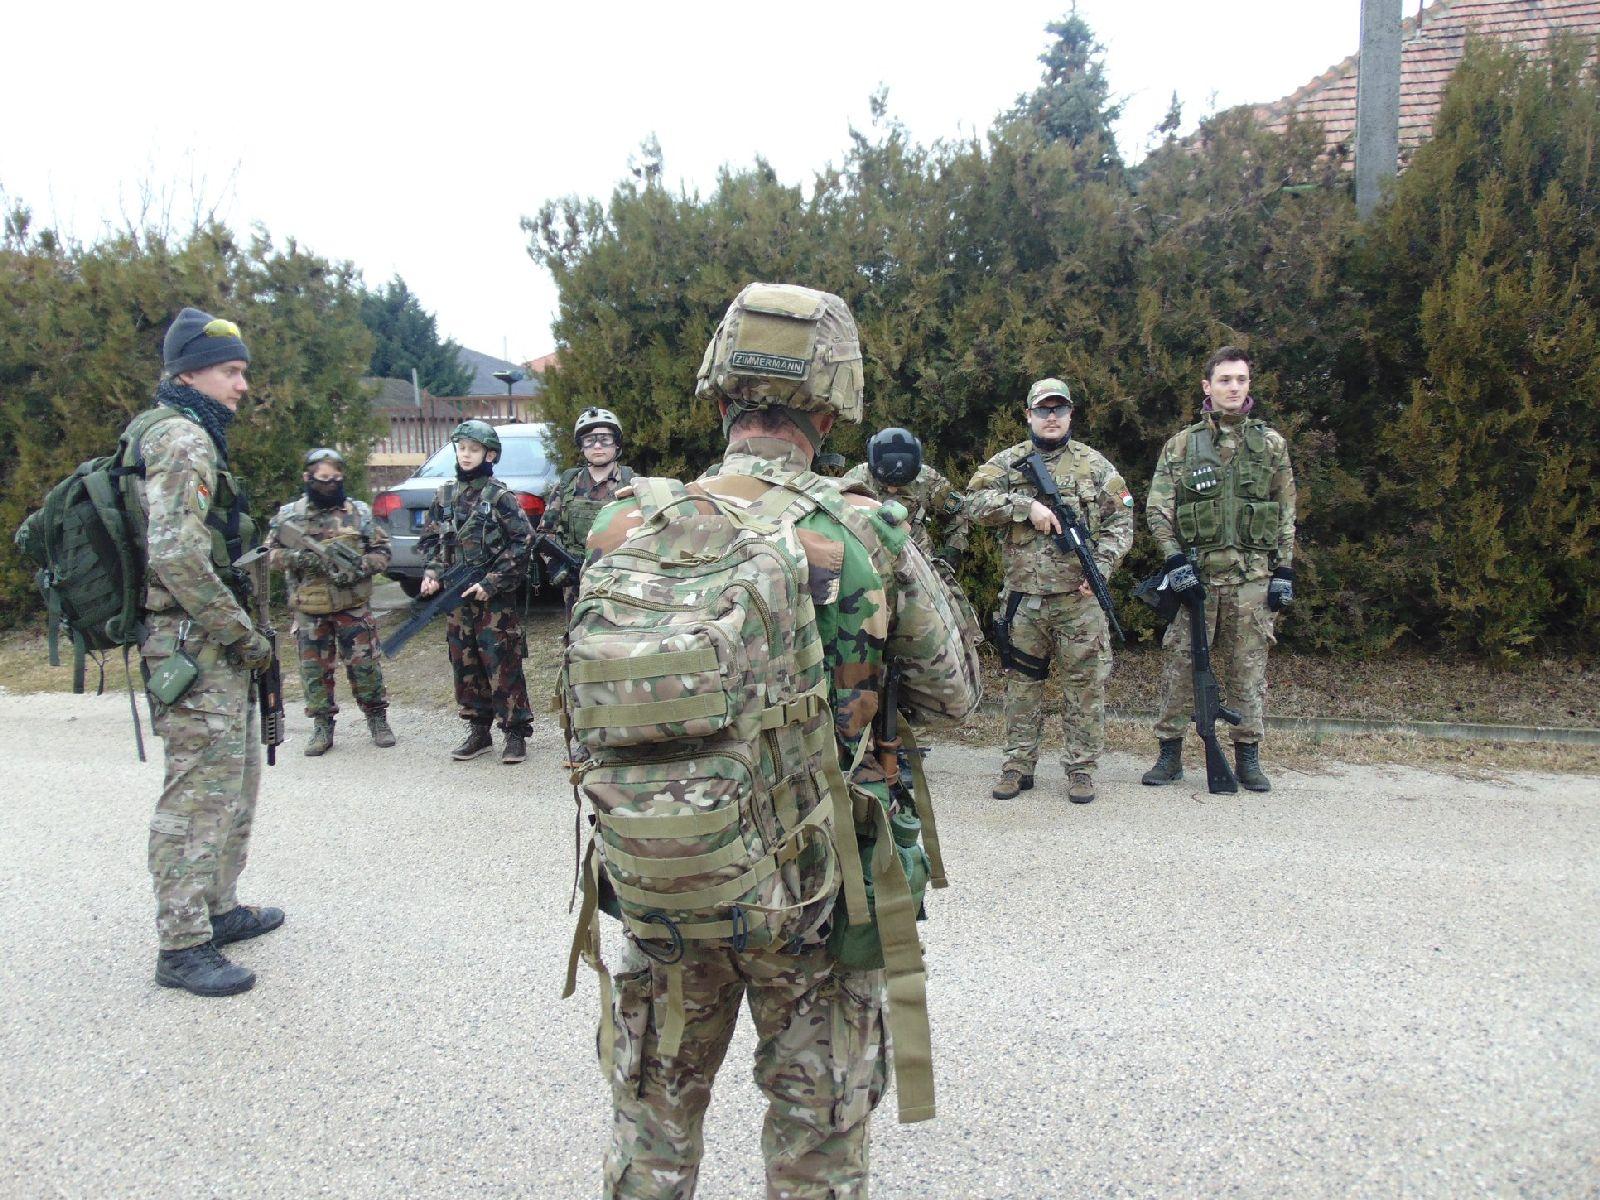 d1e63a7d9db2 Terepgyakorlatozott a Katonai Rendvédelmi Tagozat dunavarsányi egysége